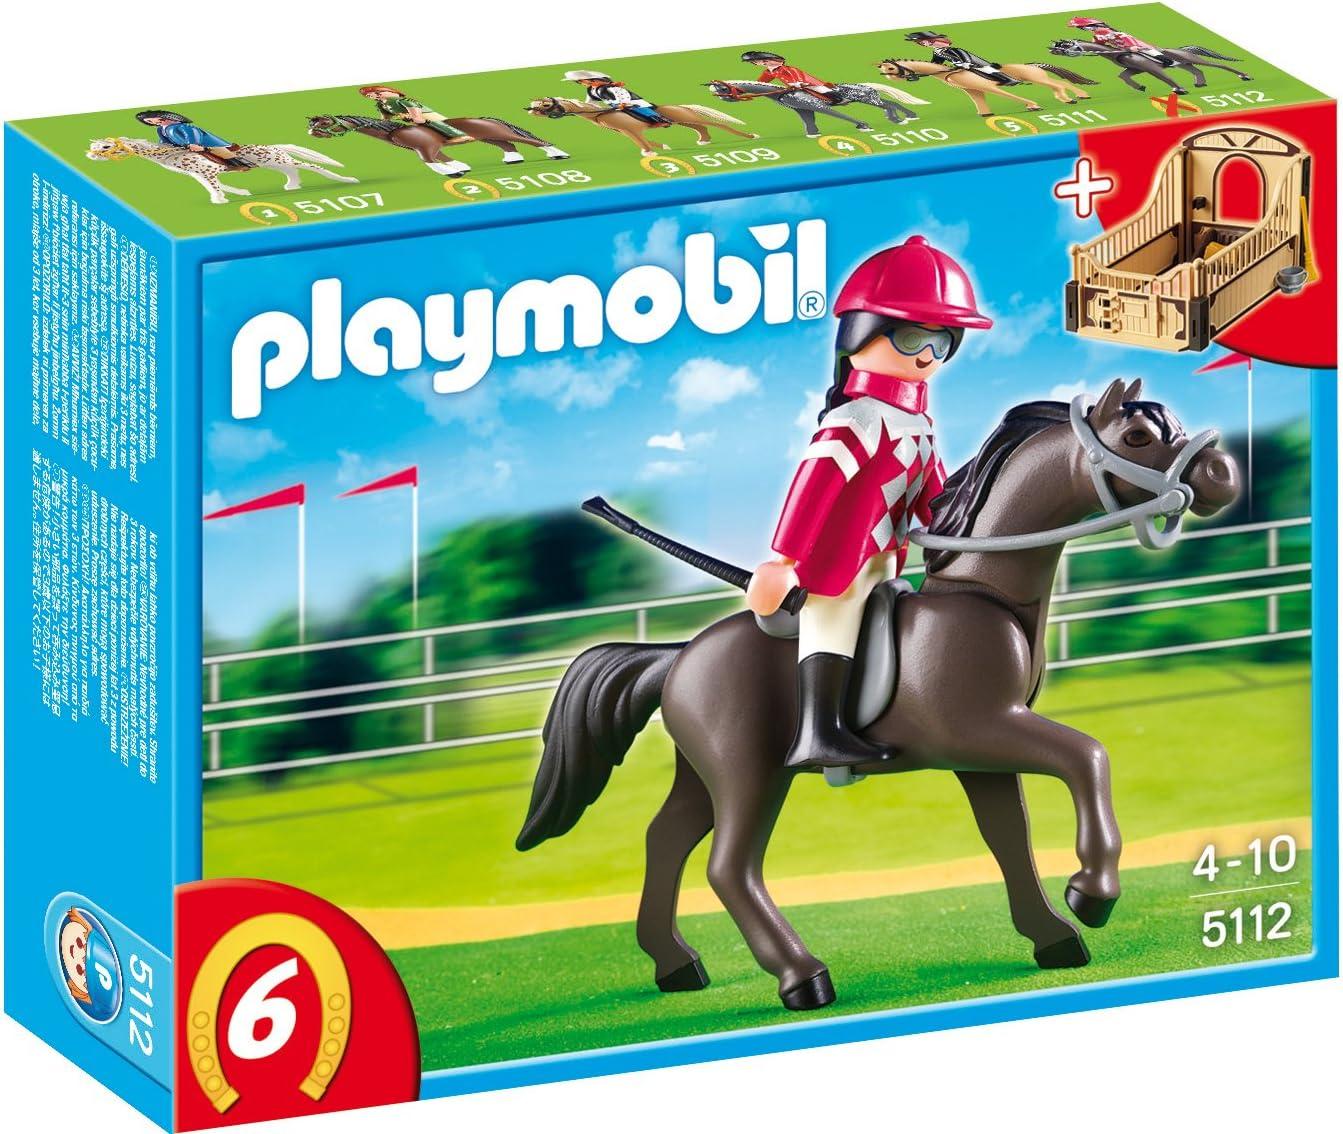 PLAYMOBIL 626590 - Granja Ponis Caballo Árabe